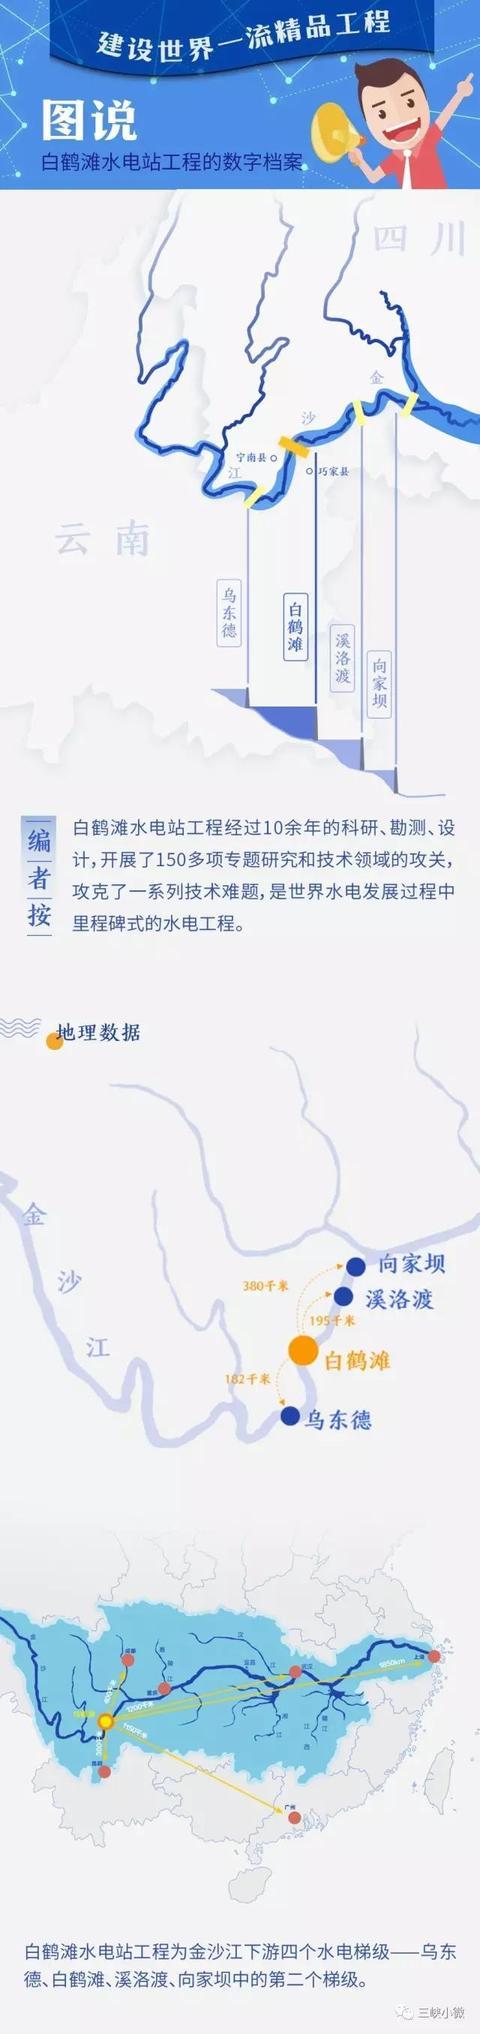 【组图】金沙江巧家县白鹤滩水电站移民安置点最新全... _云南网